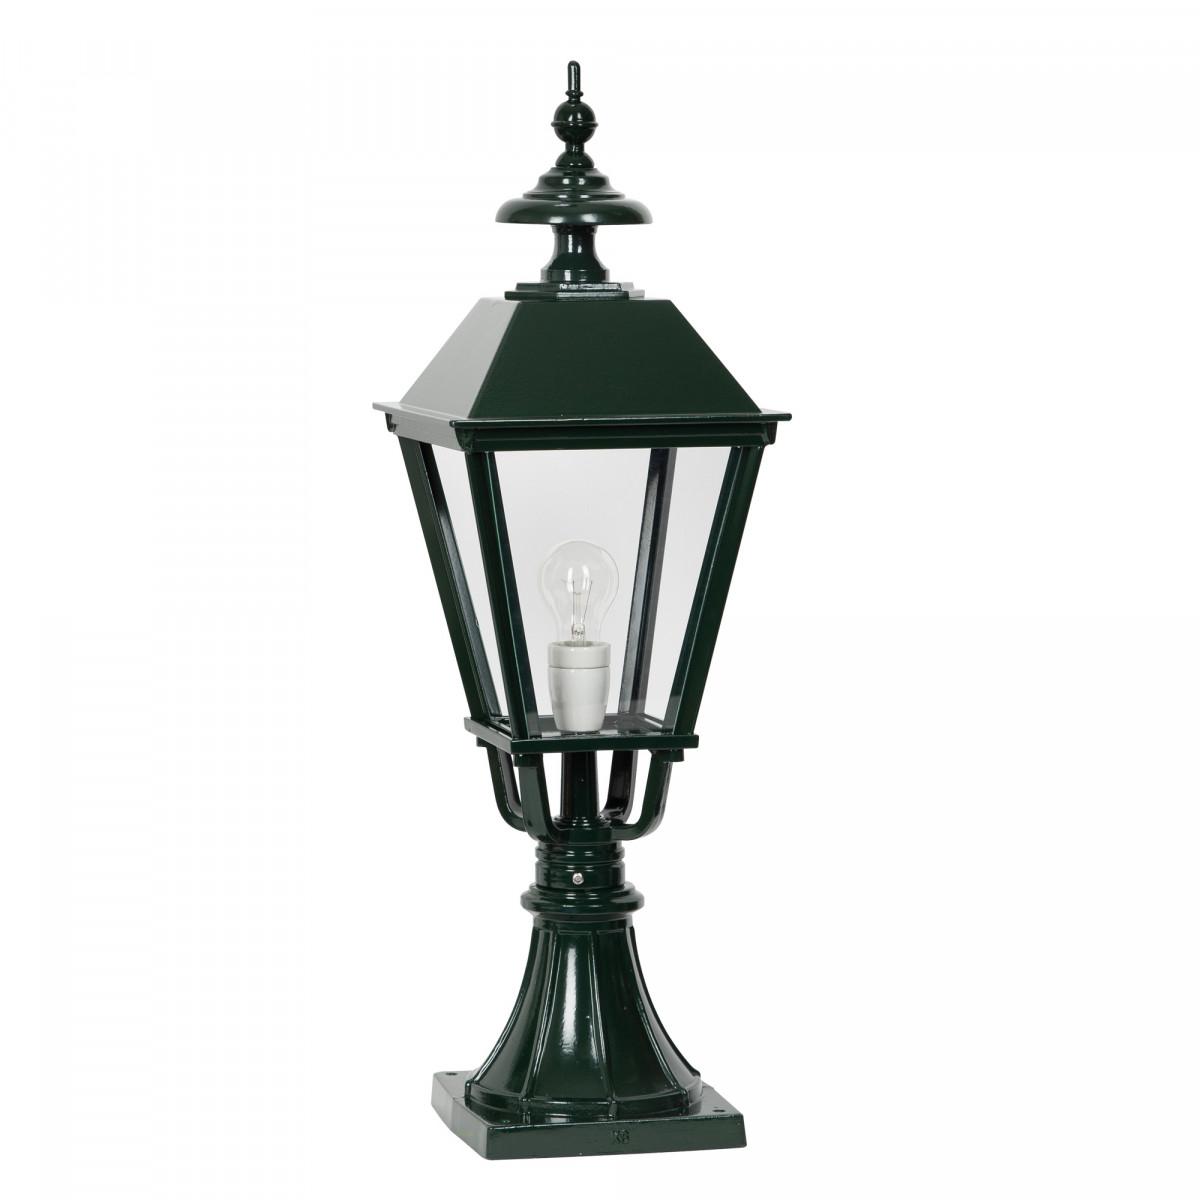 Tuinlamp Newport